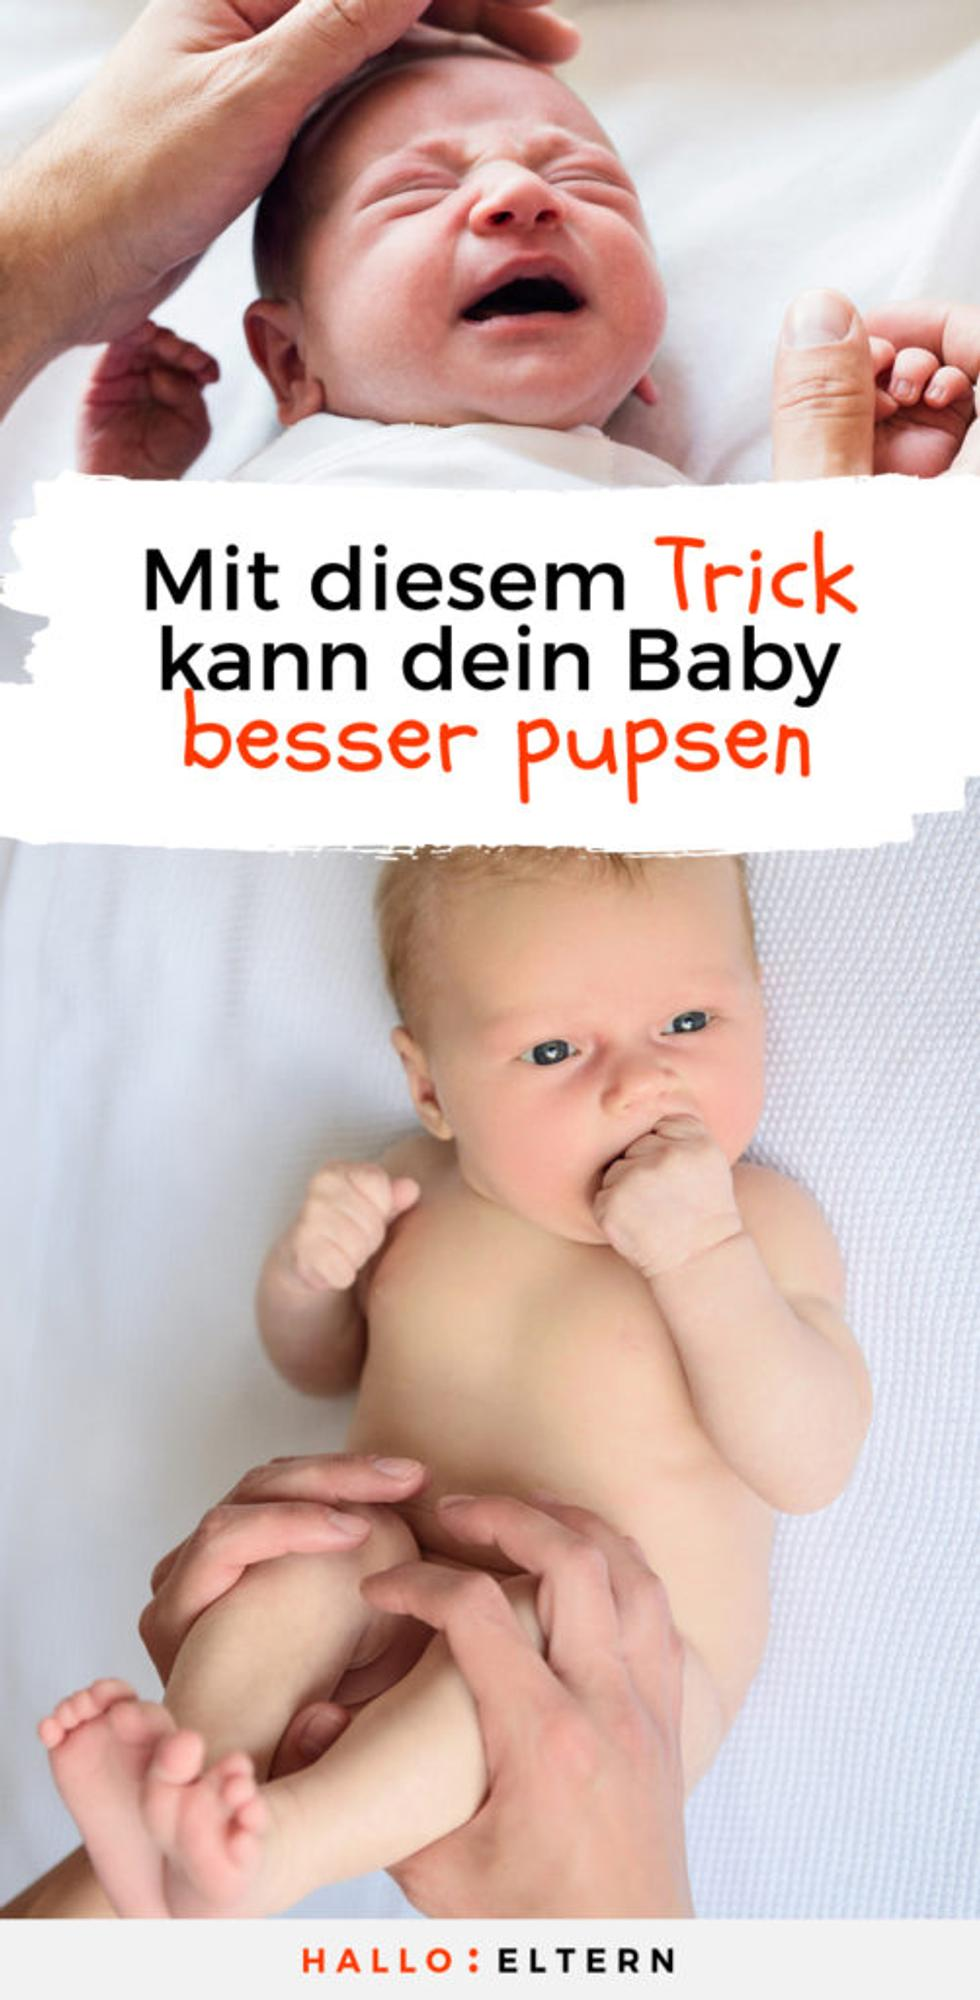 Pin: Mit diesem Trick kann dein Baby besser pupsen